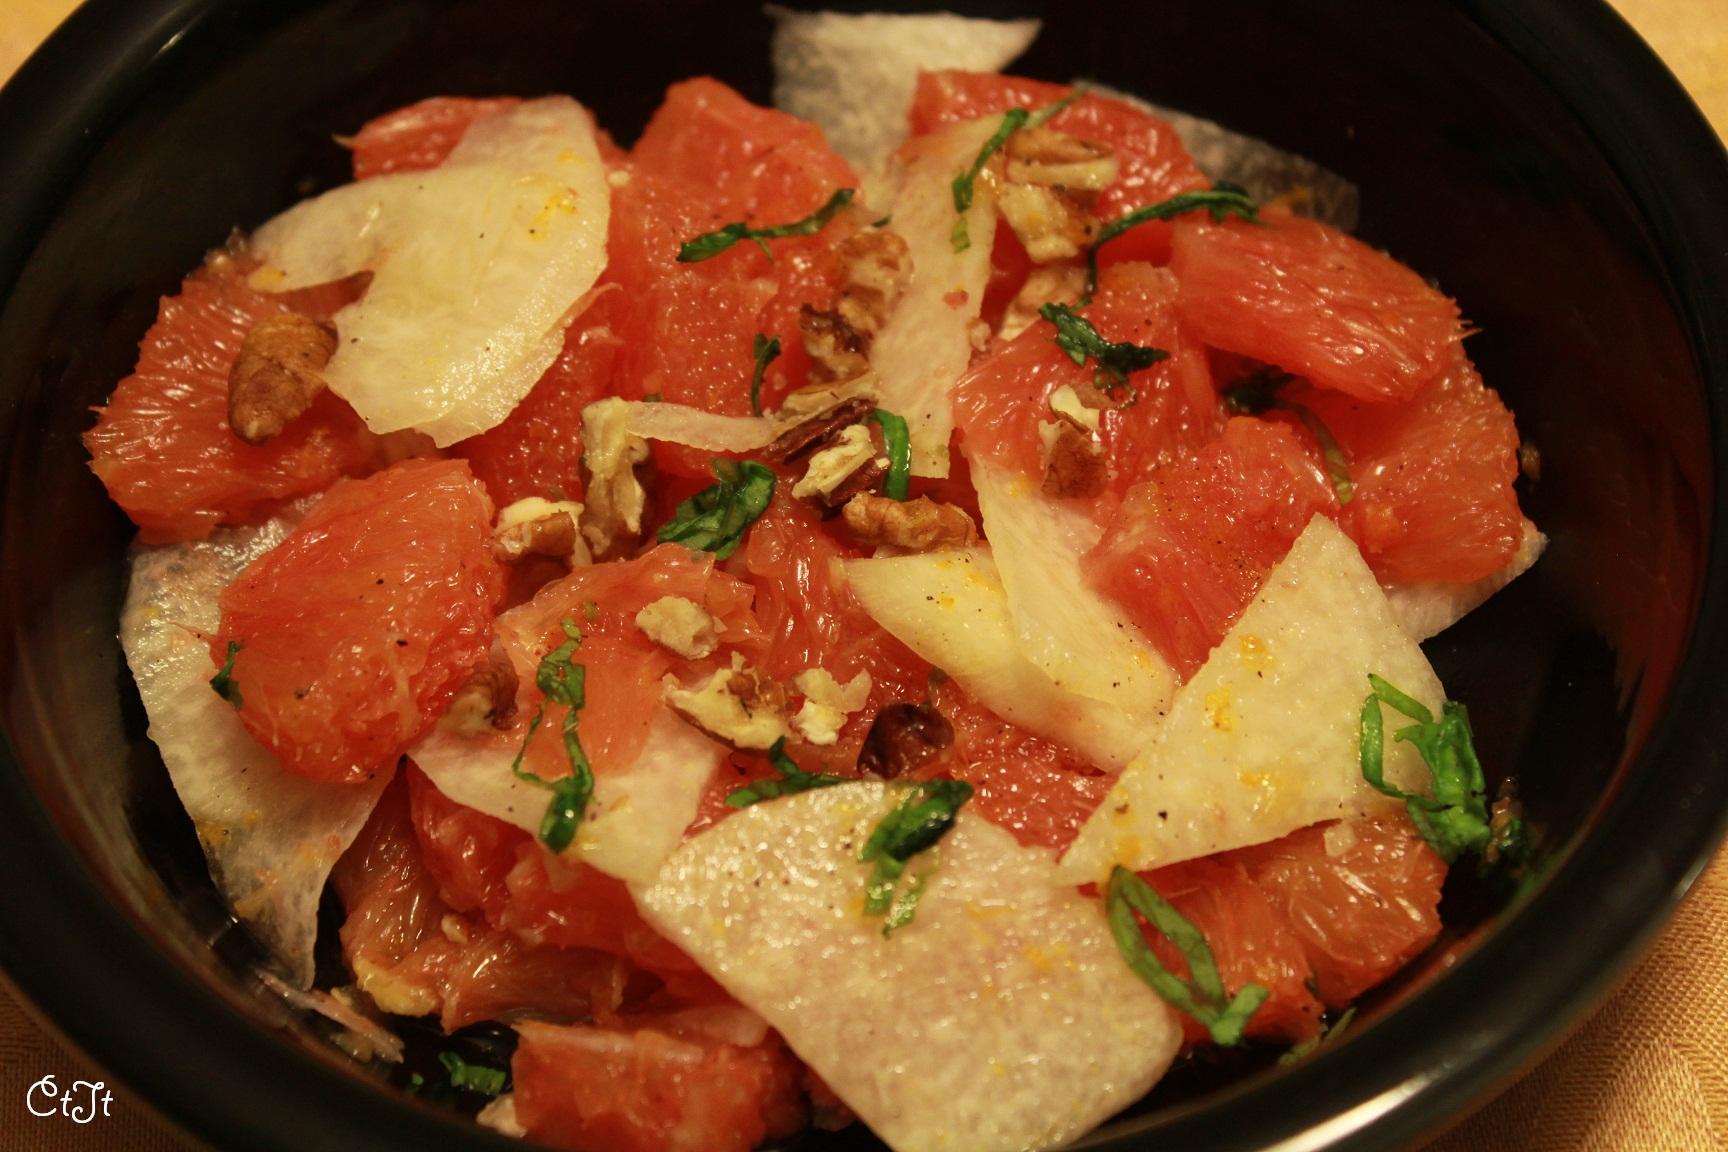 Cara Cara and Jicama salad